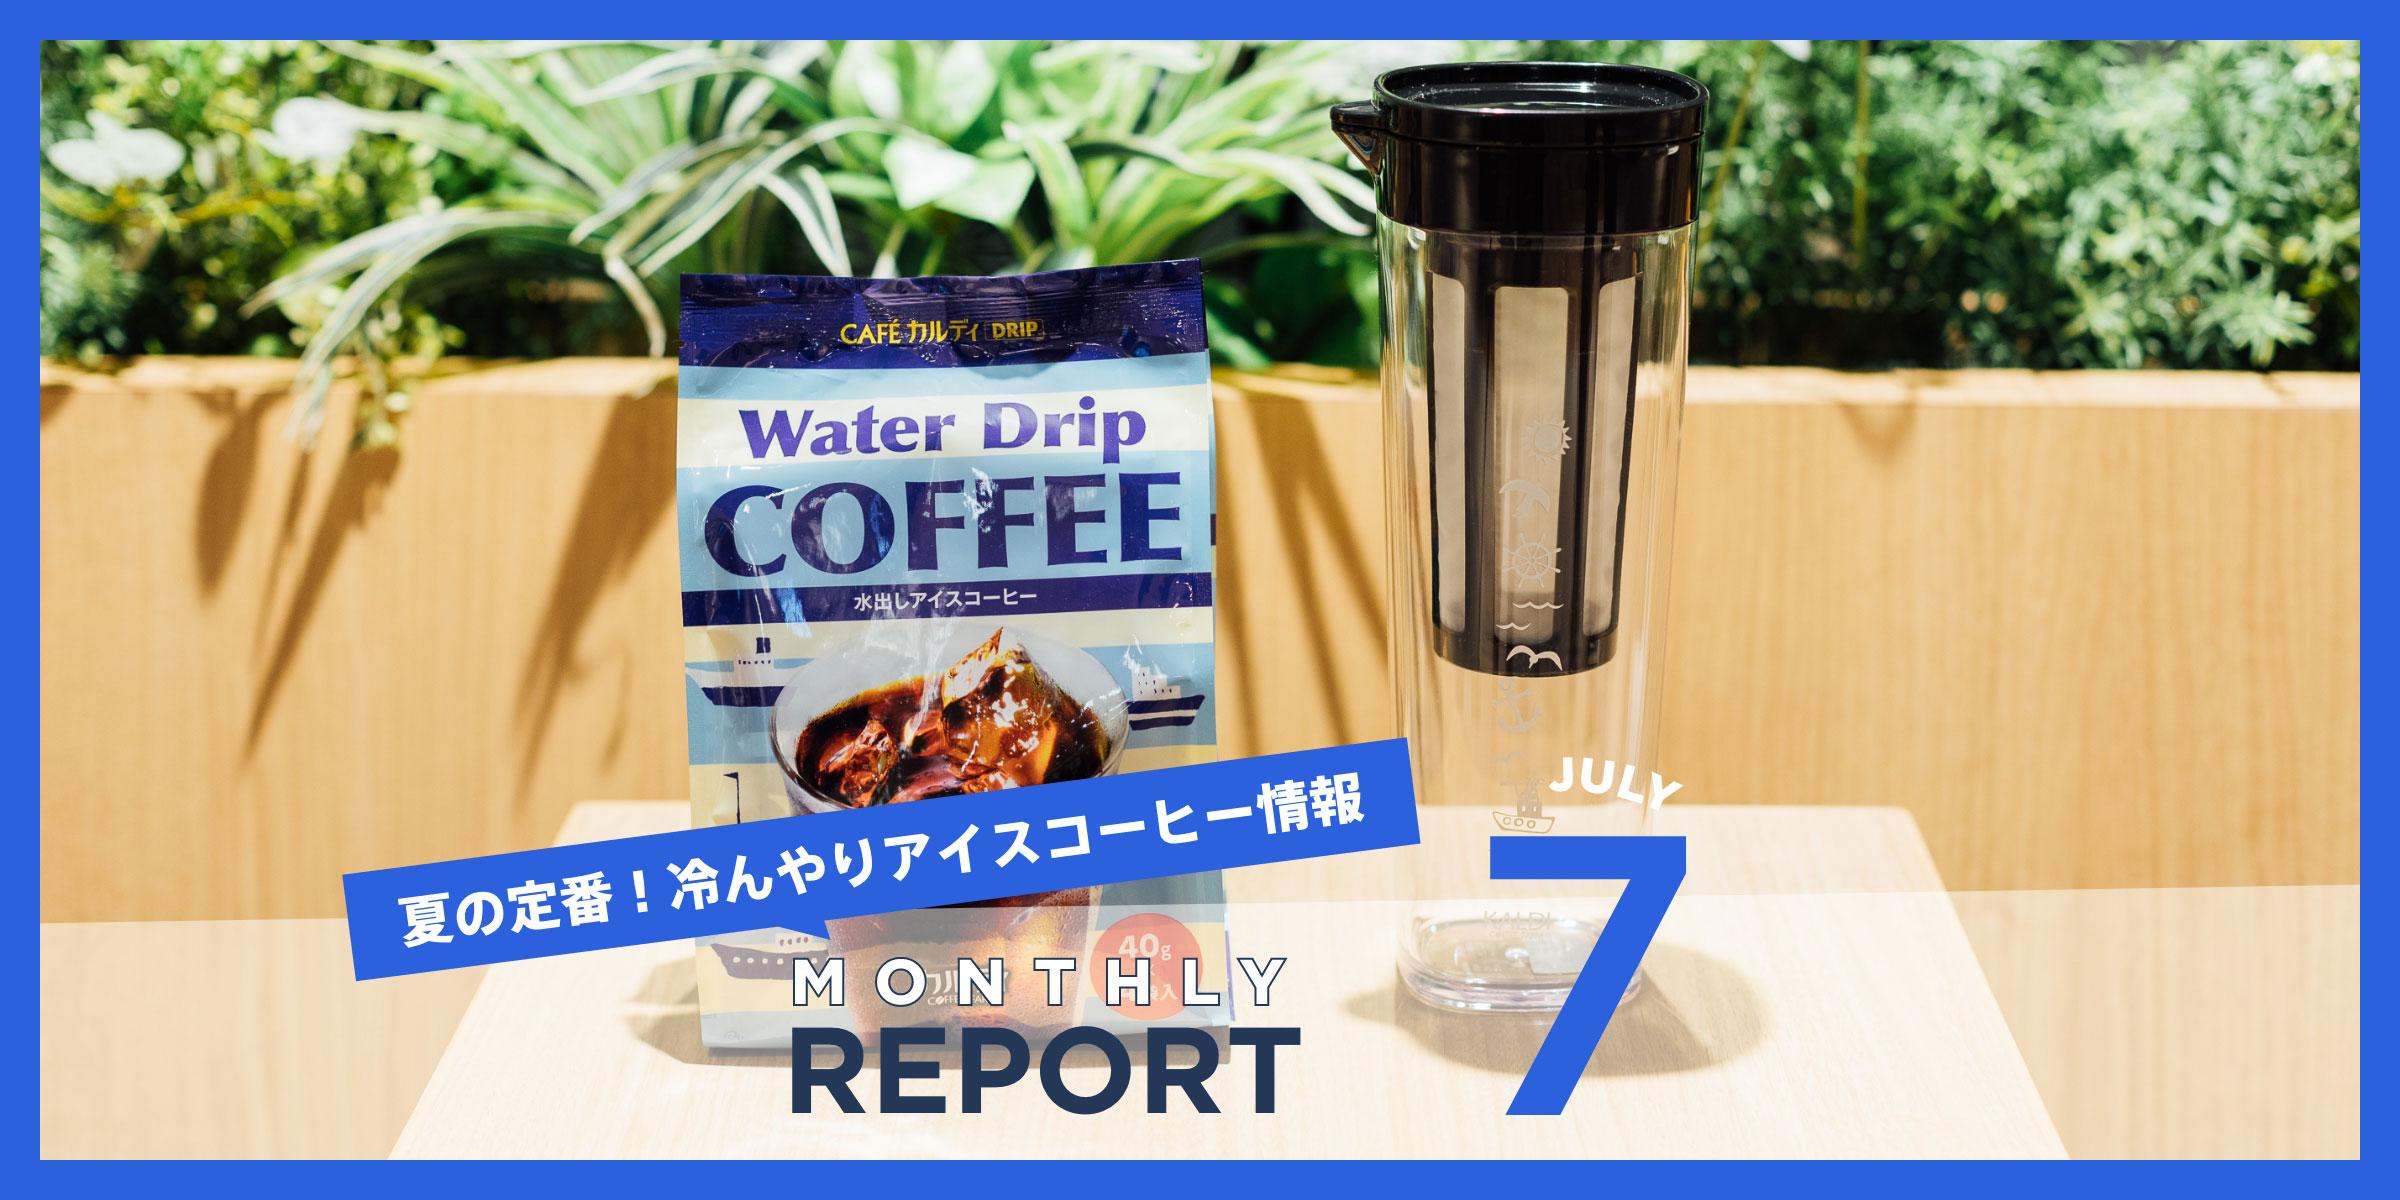 【Monthly REPORT 7】夏の定番!冷んやりアイスコーヒー情報